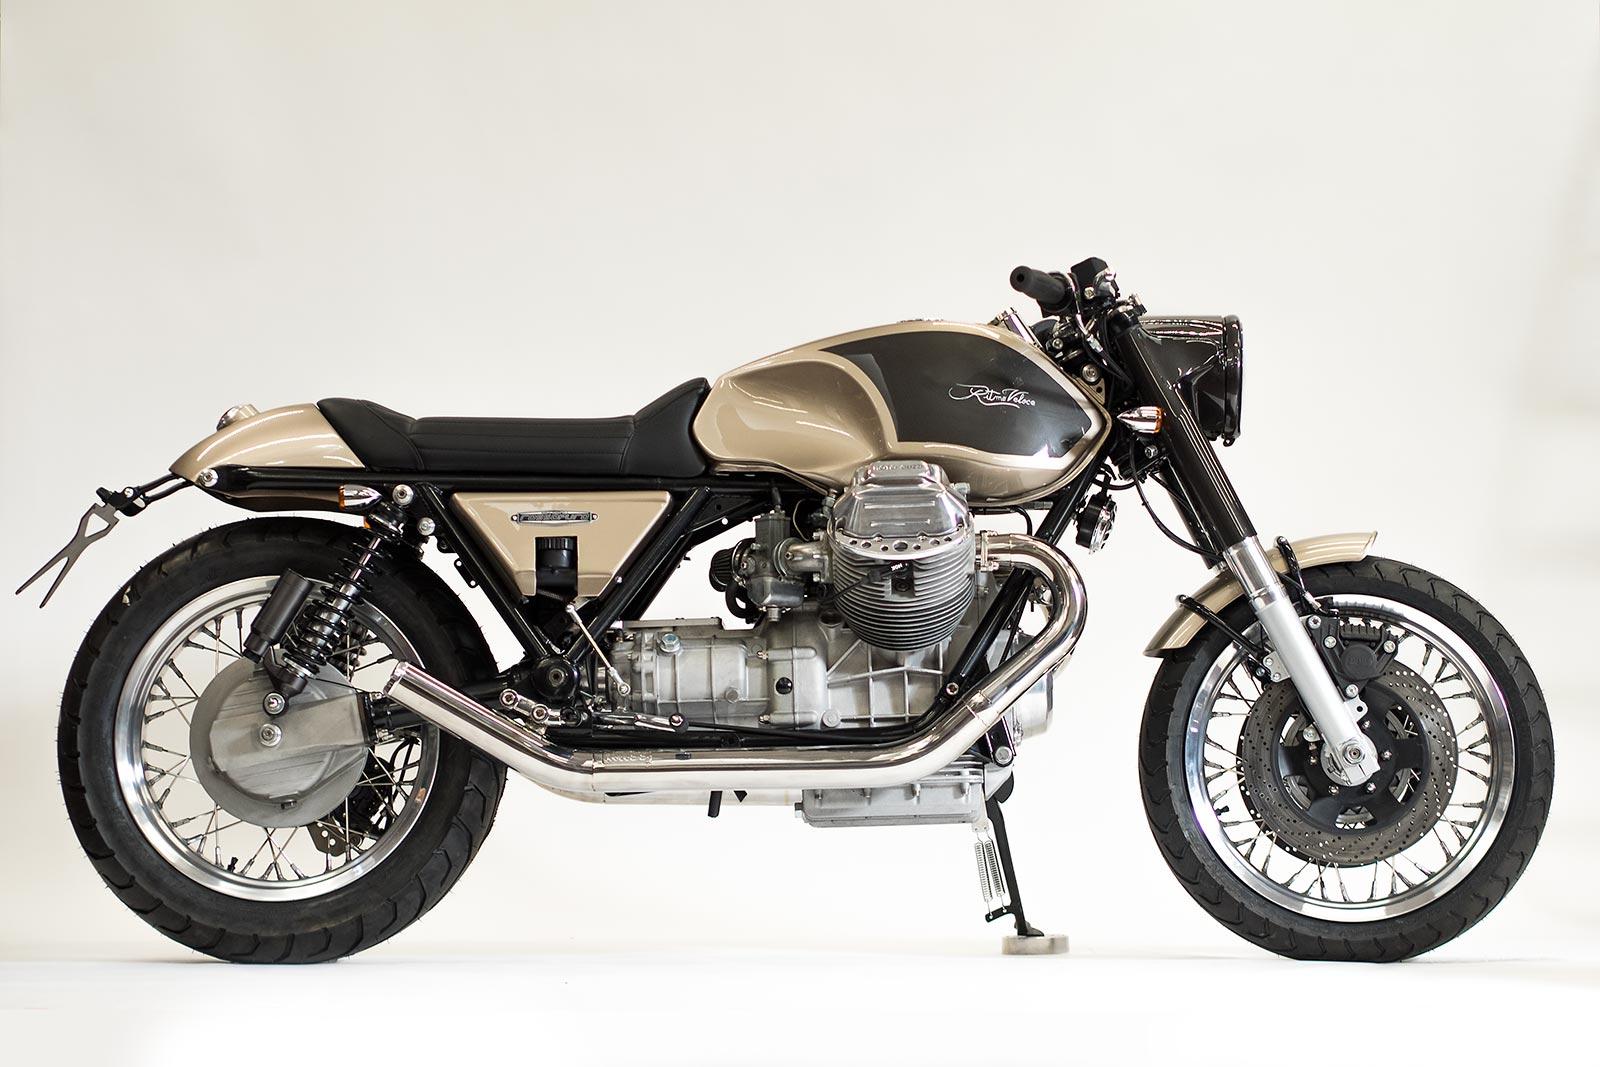 Moto Guzzi Ritmo Veloce by Officine Rossopuro (1)